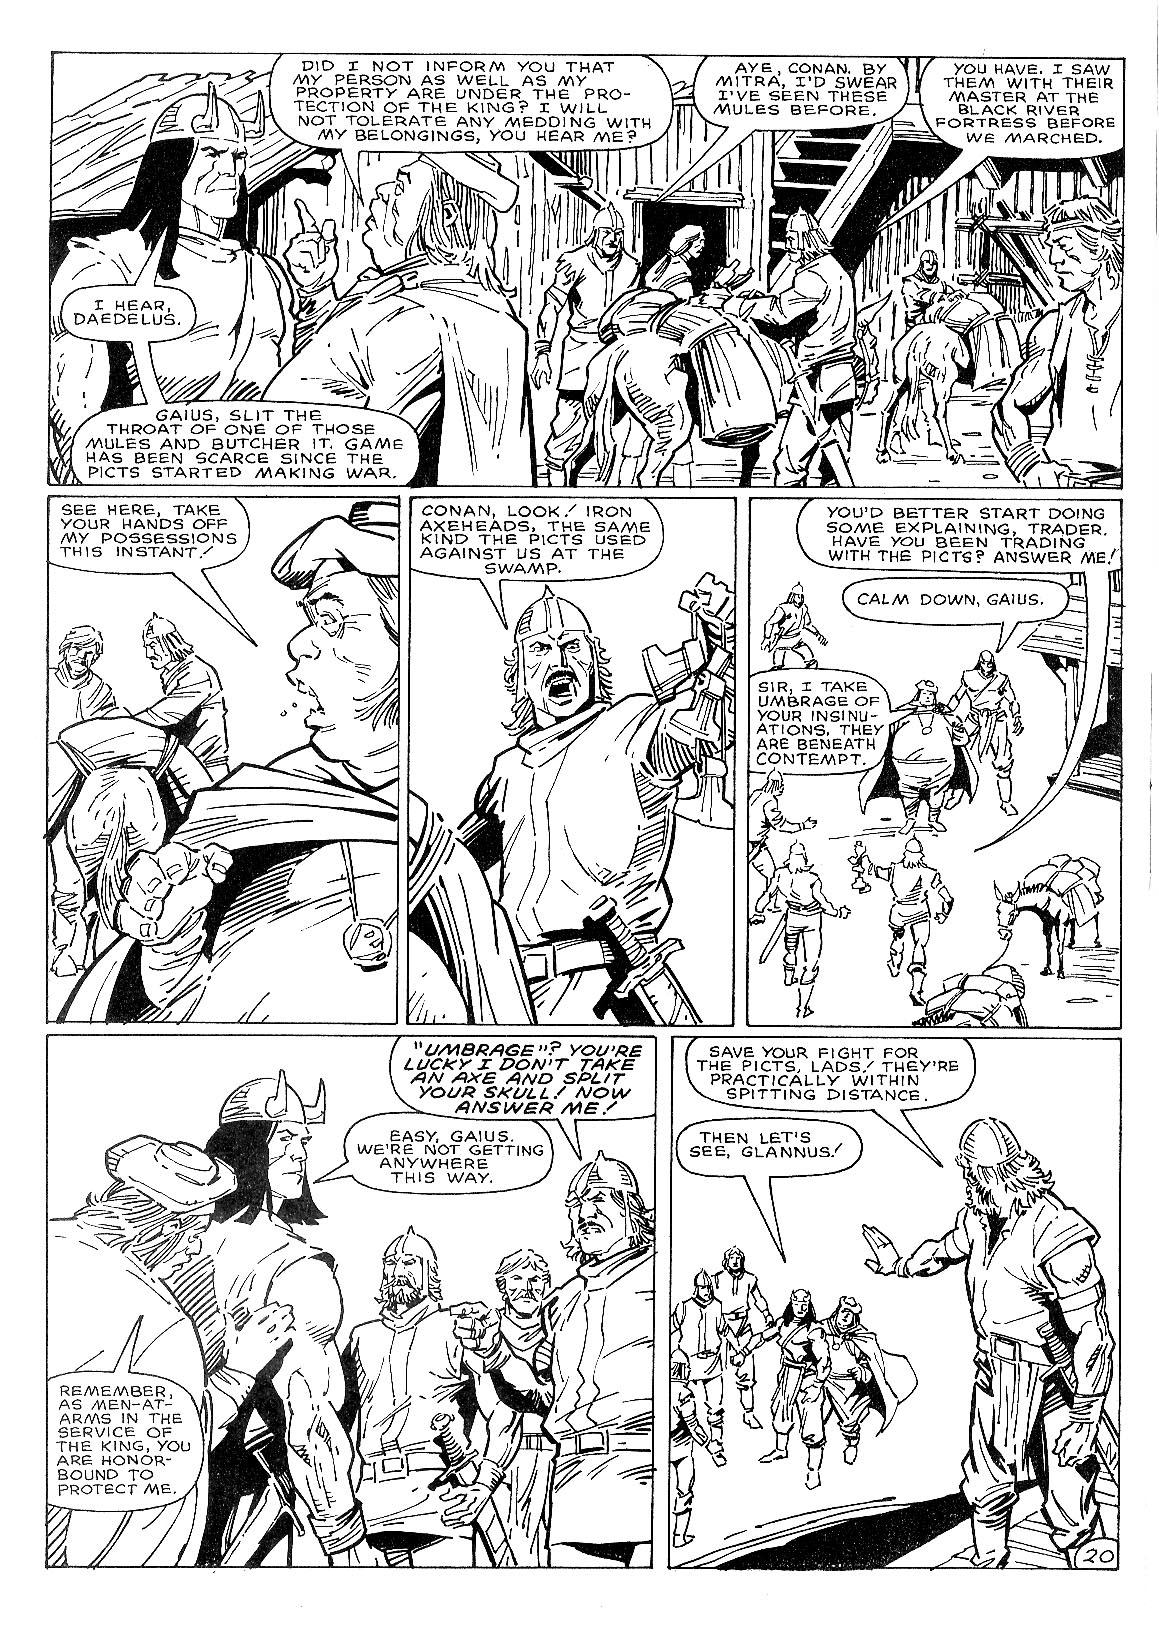 dXRULzcAHk #93 - English 26